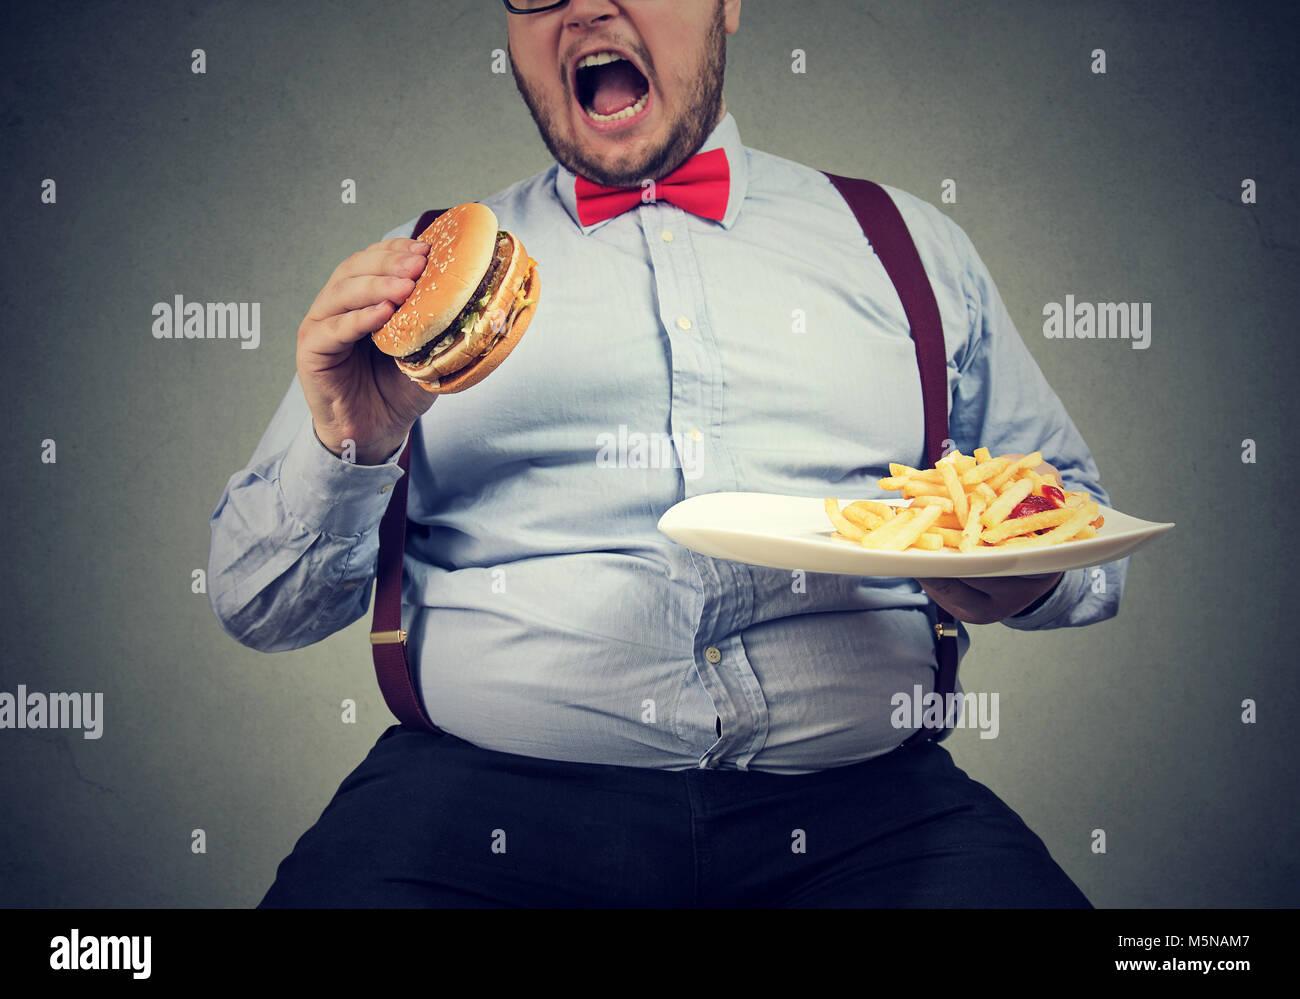 Großer Mann in formelle Kleidung sitzen und konsumieren Platte mit Fast-food auf Grau. Stockfoto